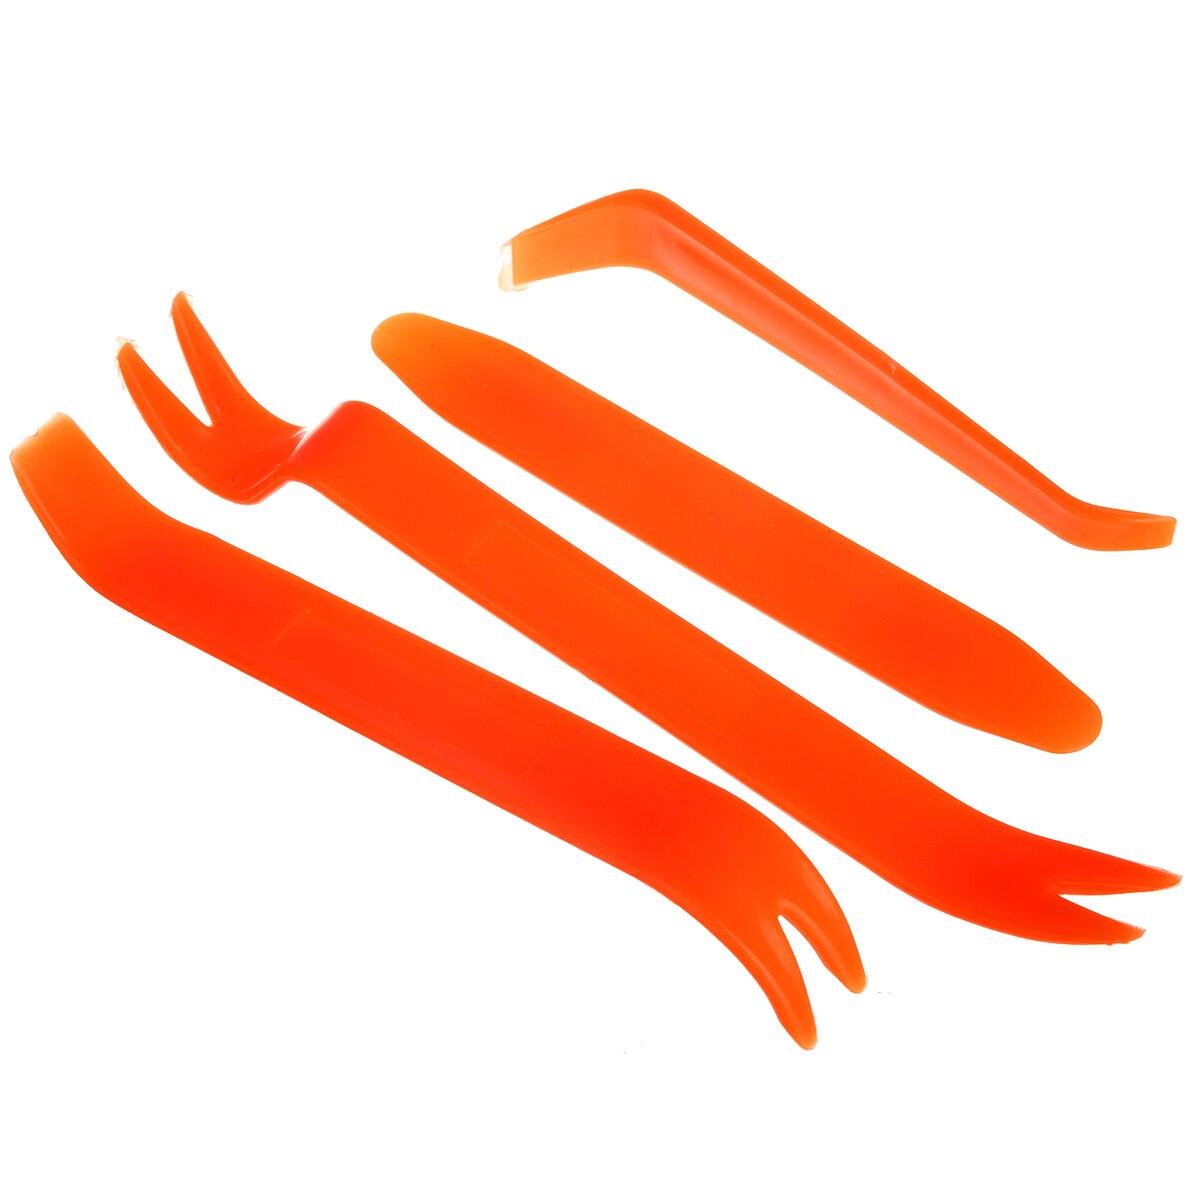 4Pcs Auto Car Radio Panel Door Clip Panel Trim Dash Audio Removal Kit Repair Hand Tools Pry Tool Accessories